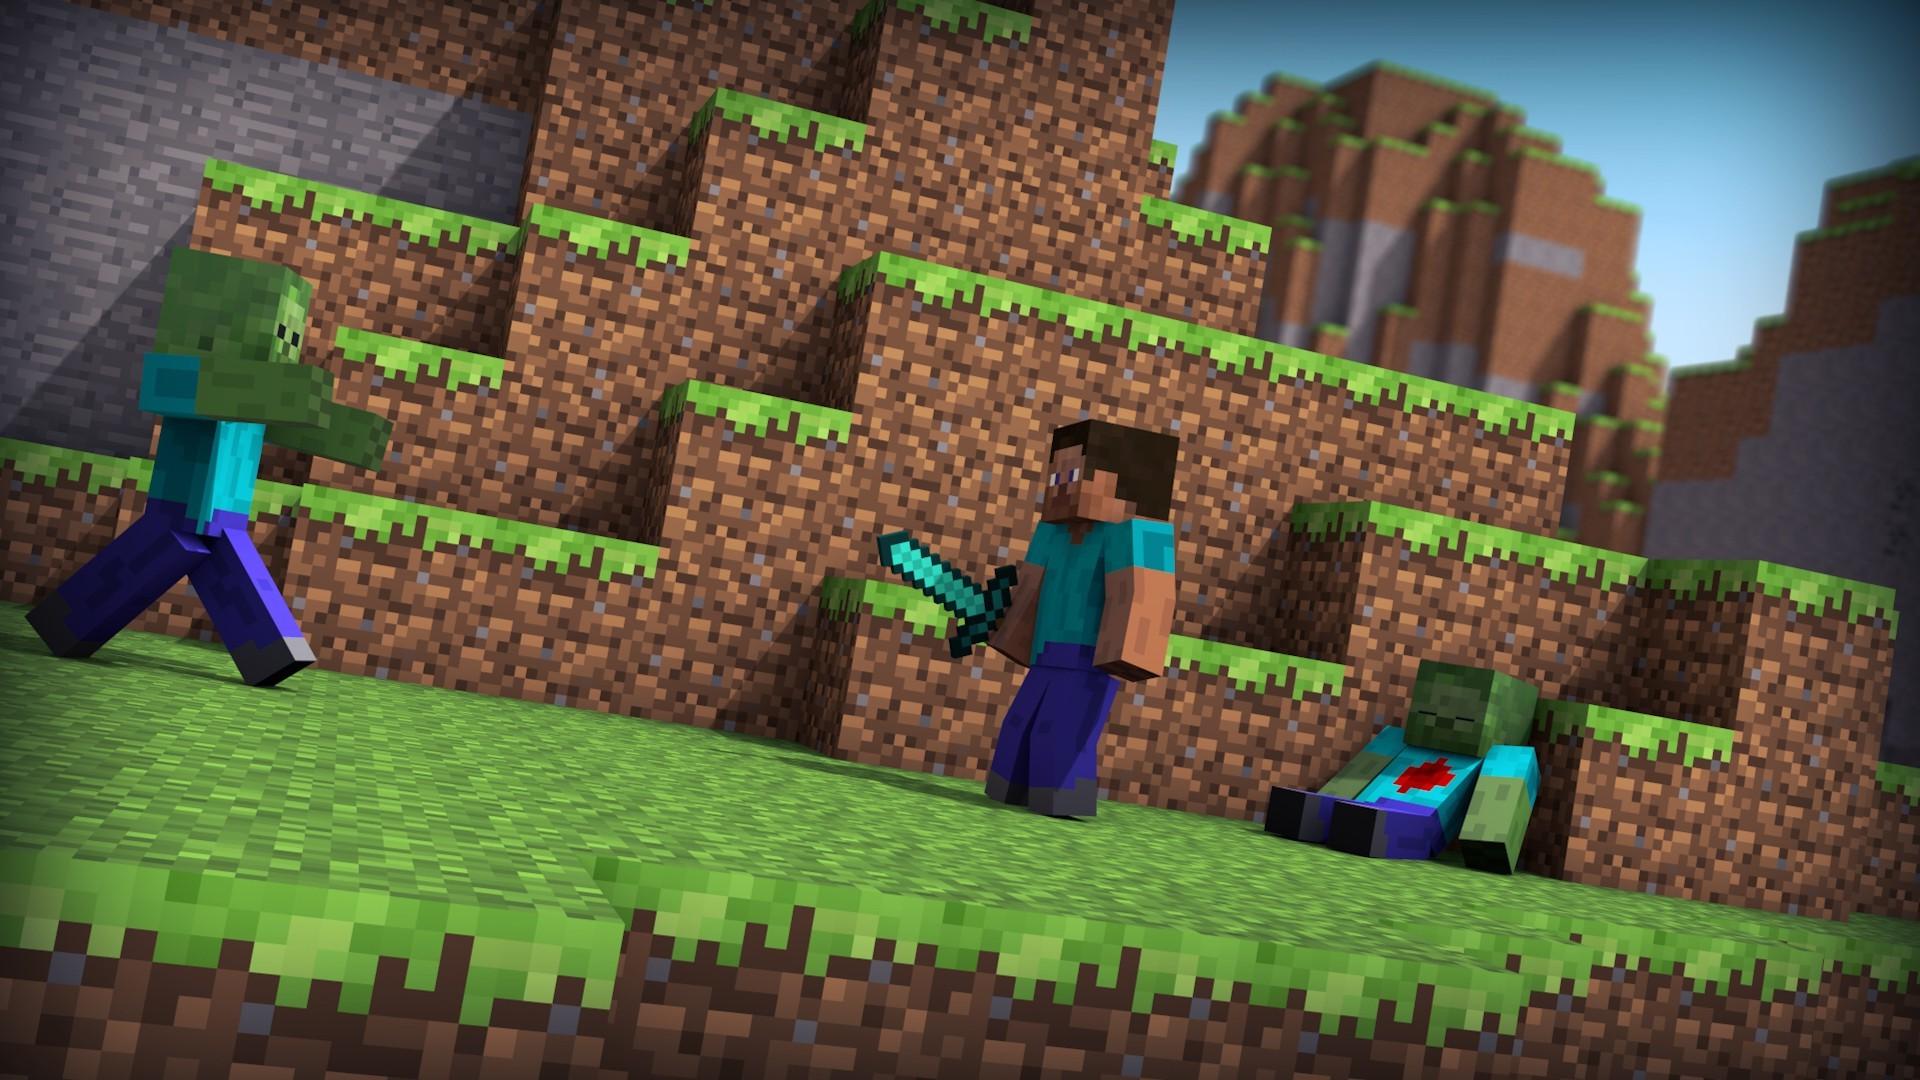 Hintergrundbilder Videospiele Minecraft Welt Steve Spielzeug - Minecraft spielen original